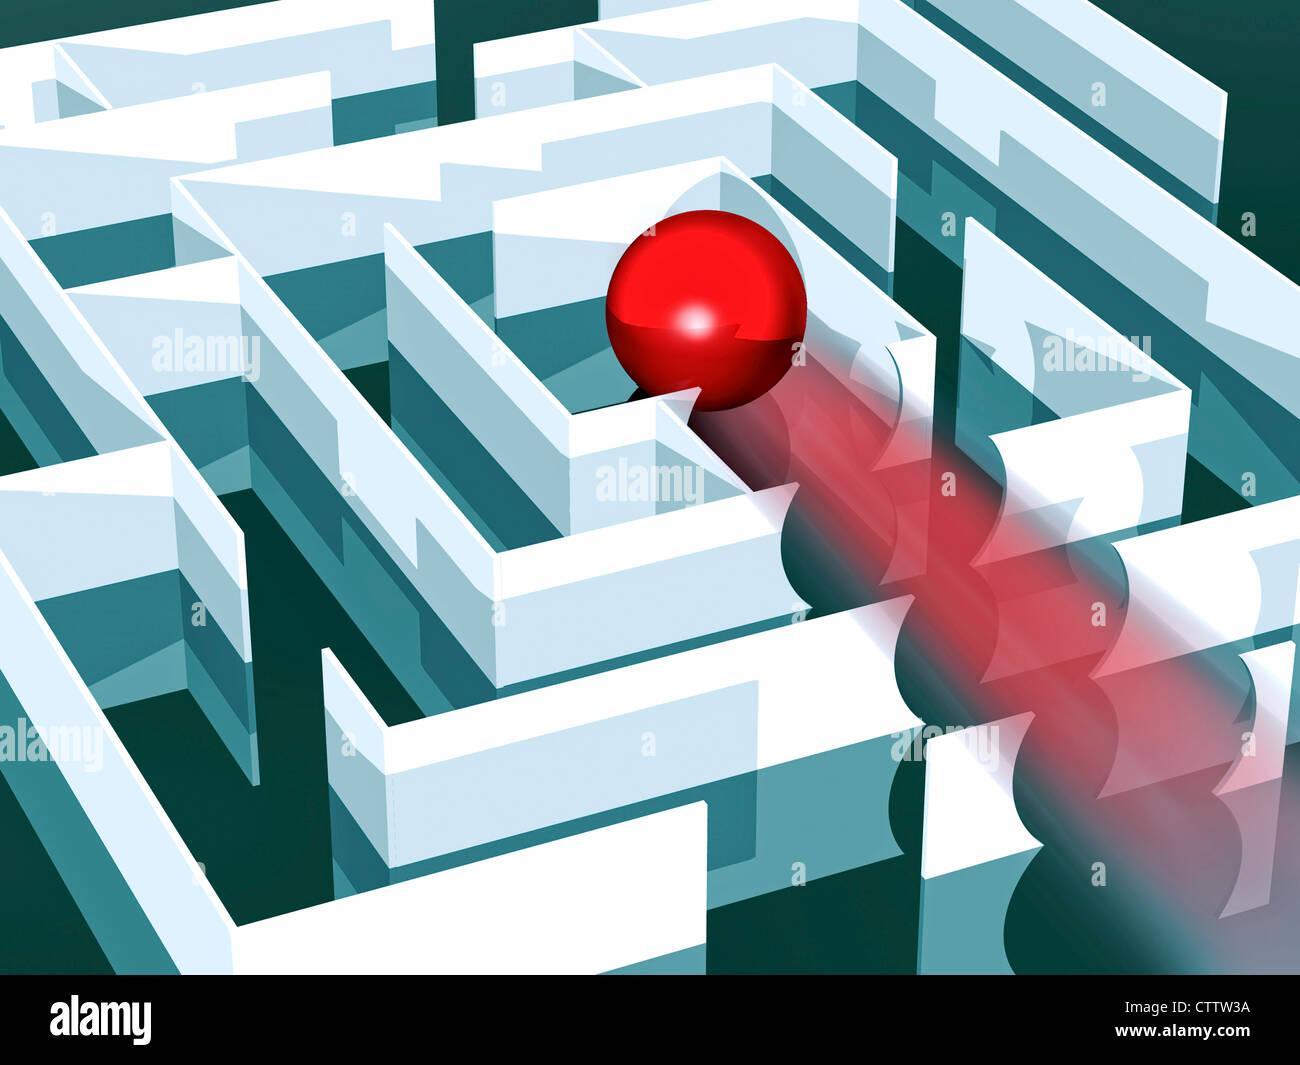 Labyrinth mit roter Kugel, die alle Wände zur Mitte hin durchbricht Stock Photo